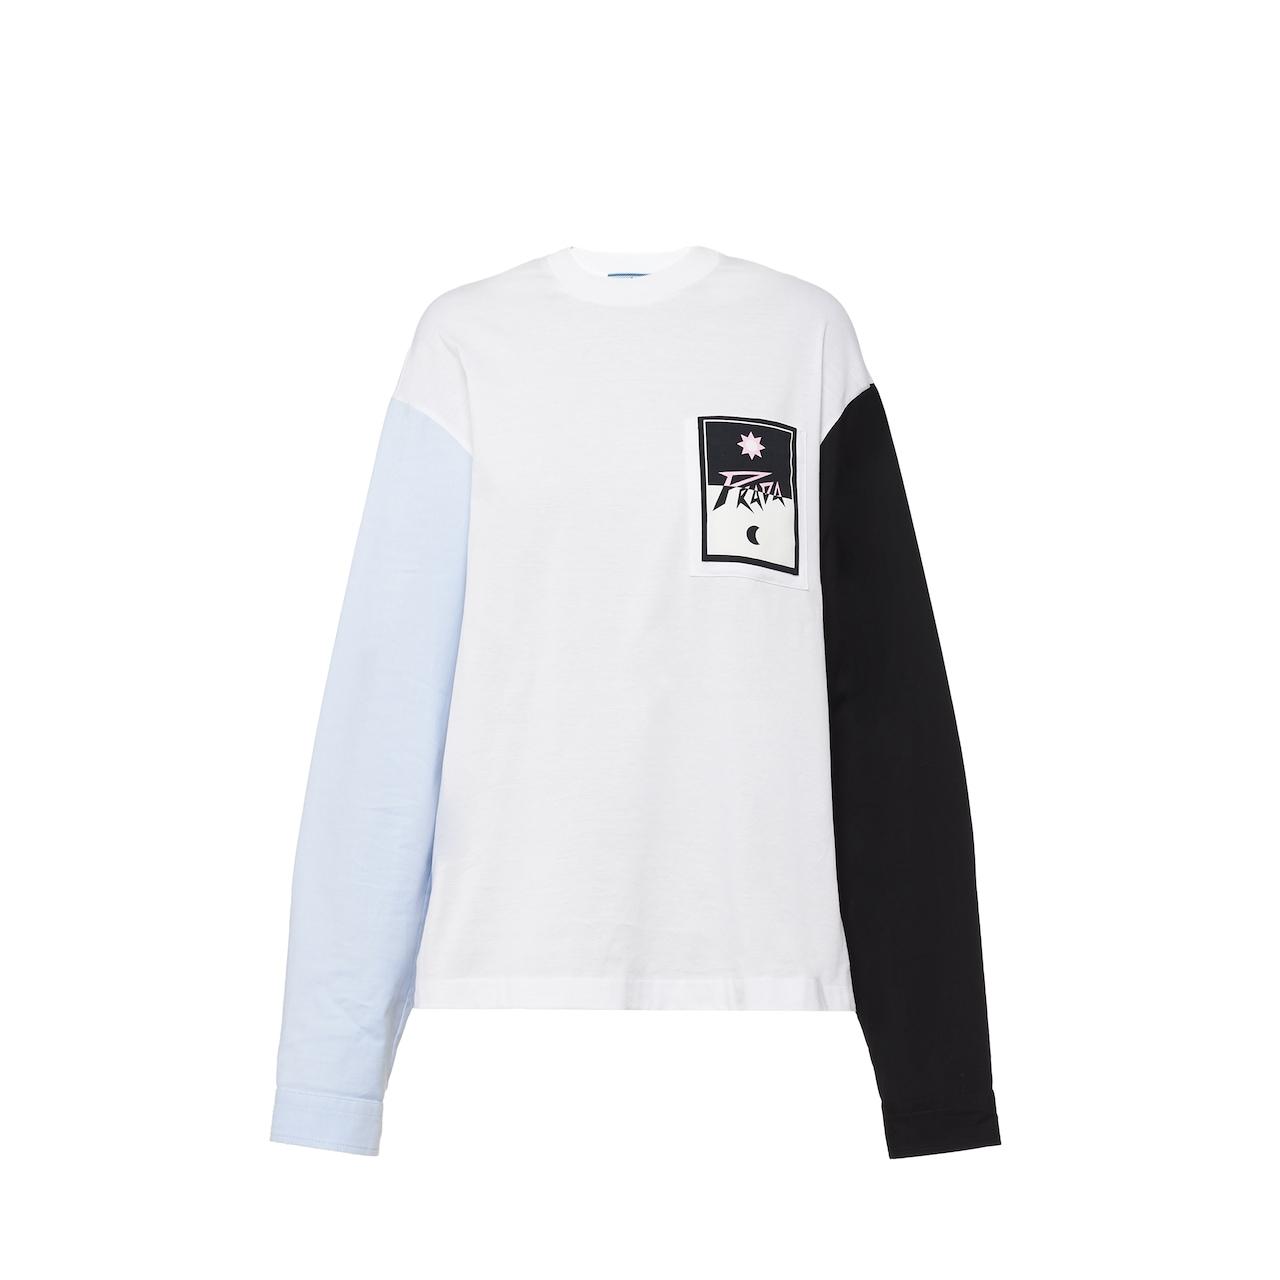 Prada 平纹针织和府绸T恤 1